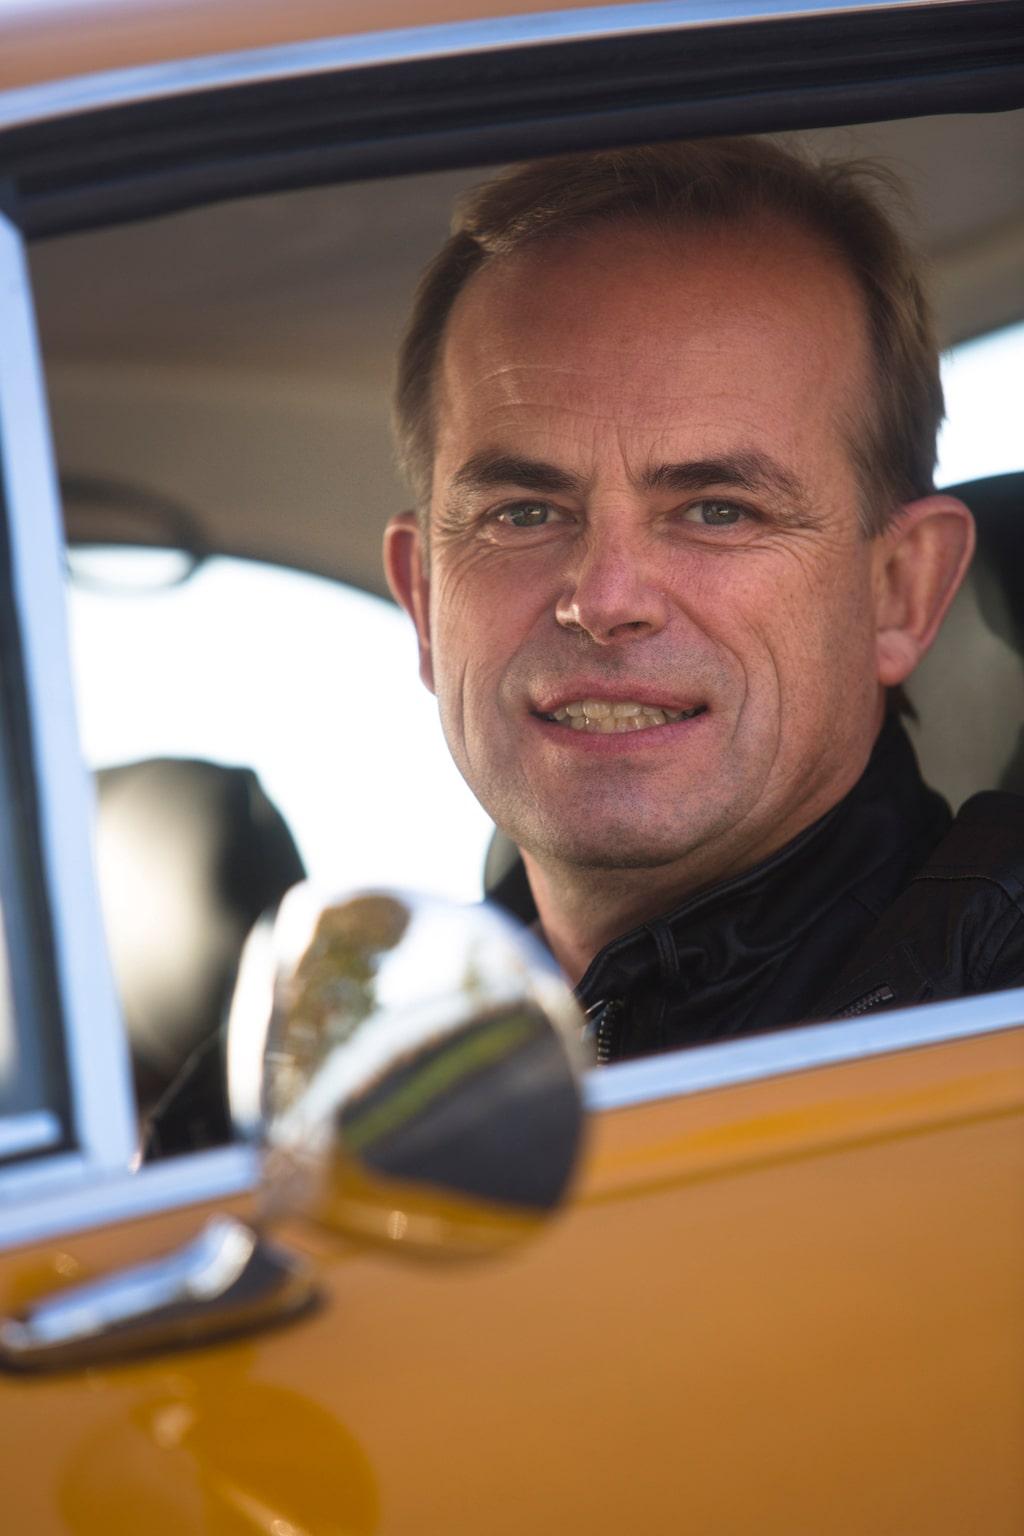 Anders Norén gillar att köra sin Bertone-coupé. Inte ens en tur till Italien avskräcker, ett gott betyg till den lilla 1290-kubiksmotorn.